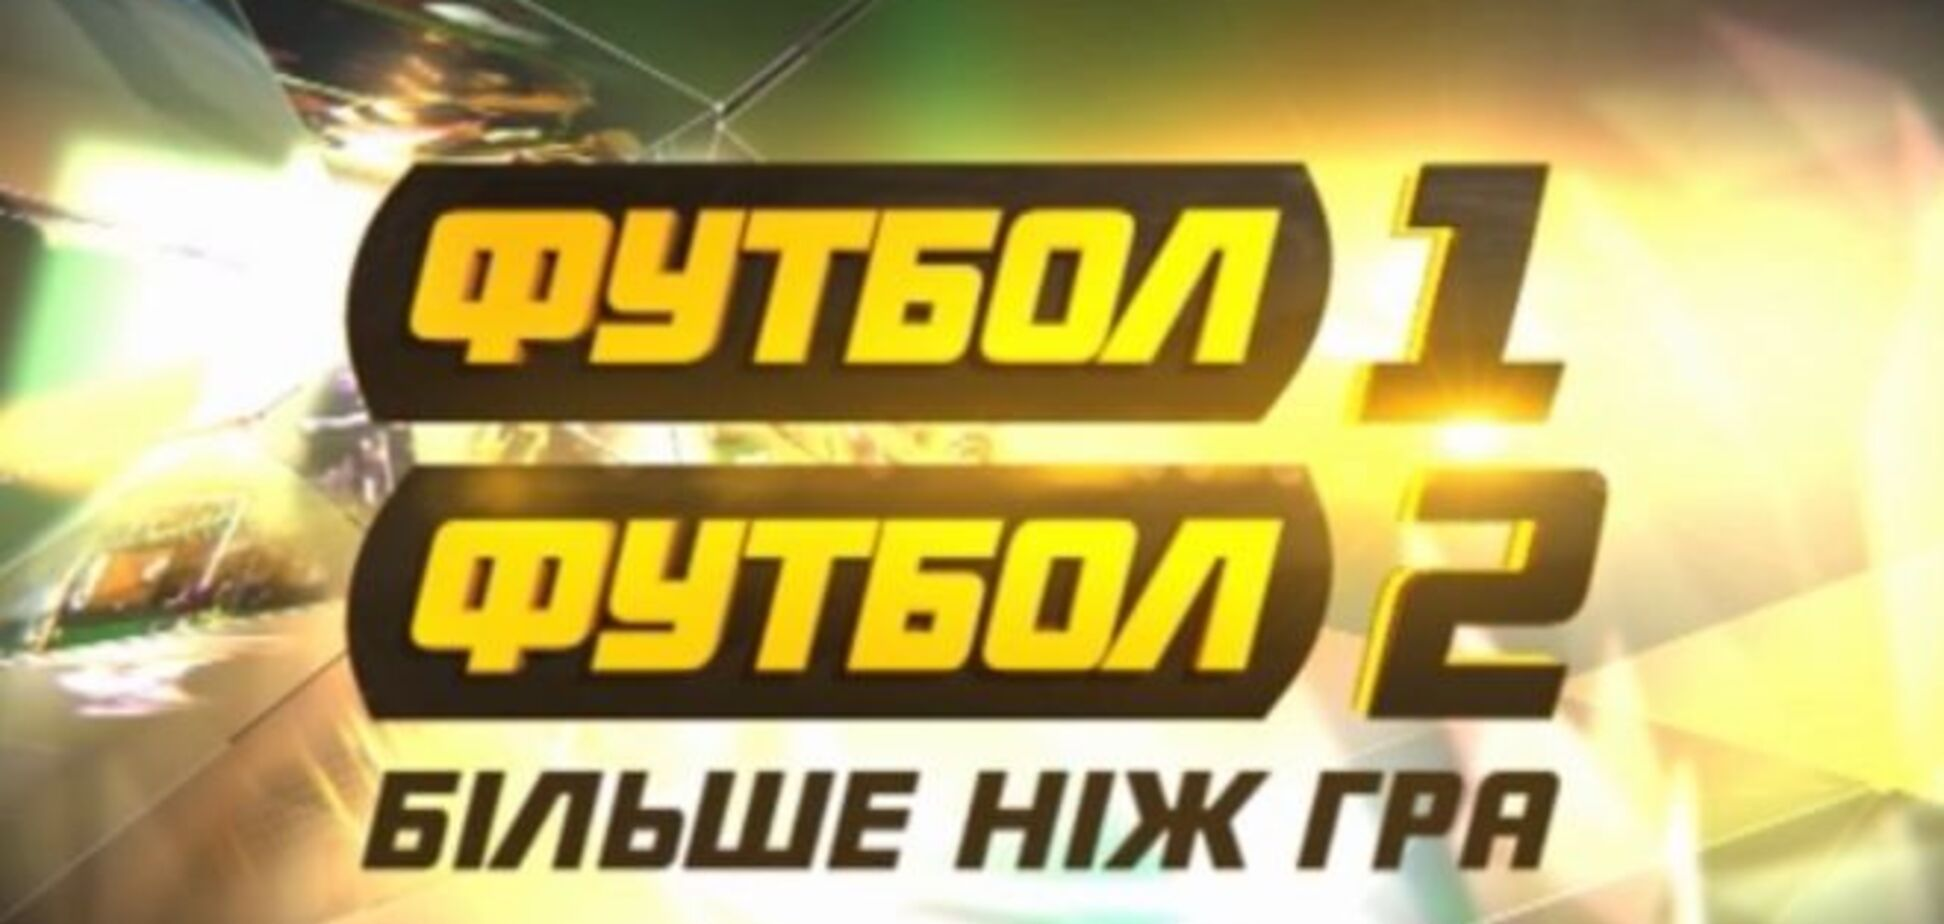 Канал 'Футбол' заявил о варварских фанатах в Киеве, которые воровали и ломали технику